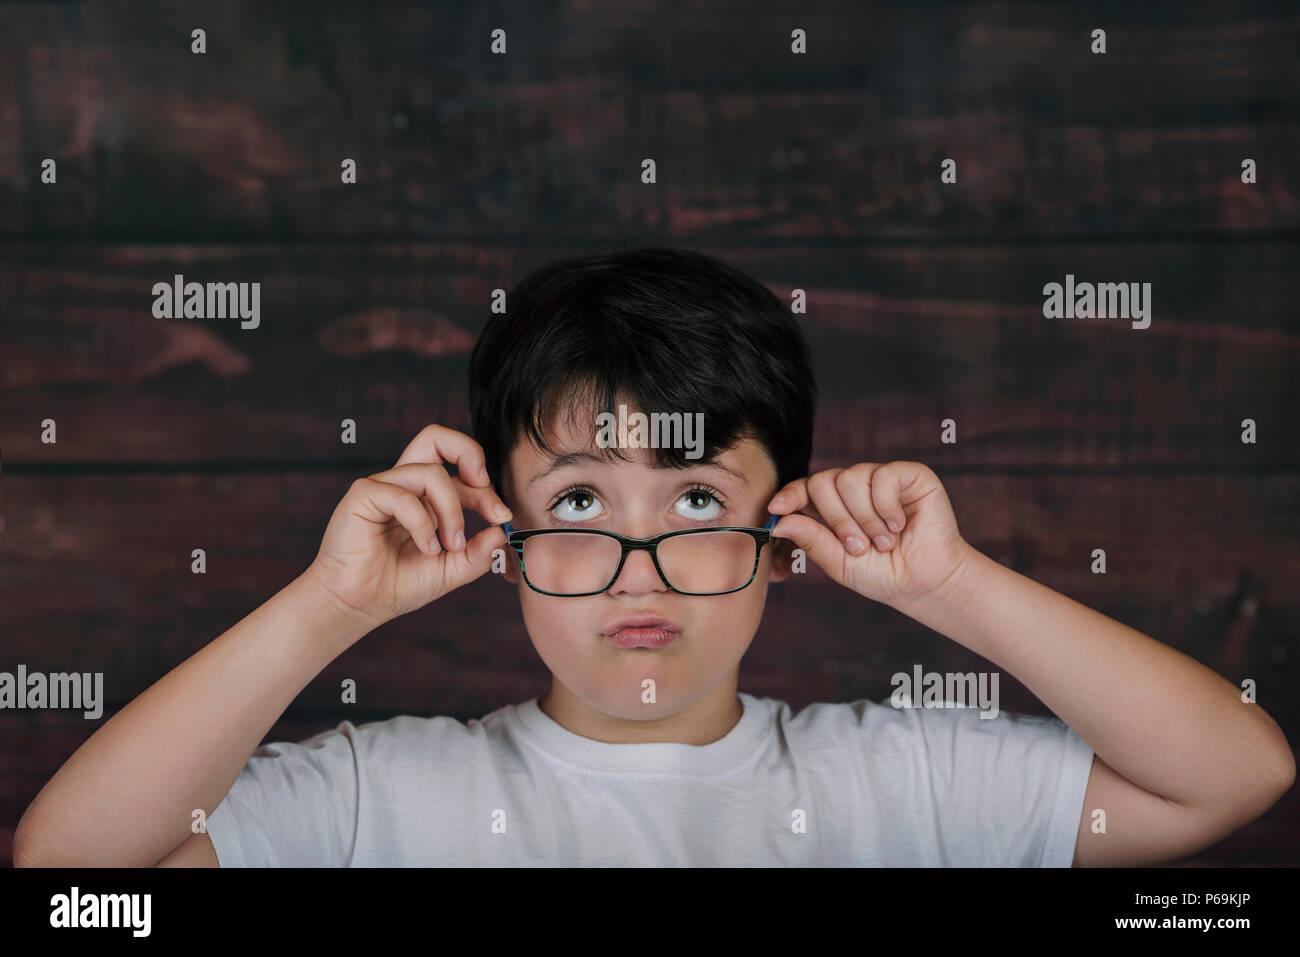 Junge mit Brille auf Holz- Hintergrund Stockbild